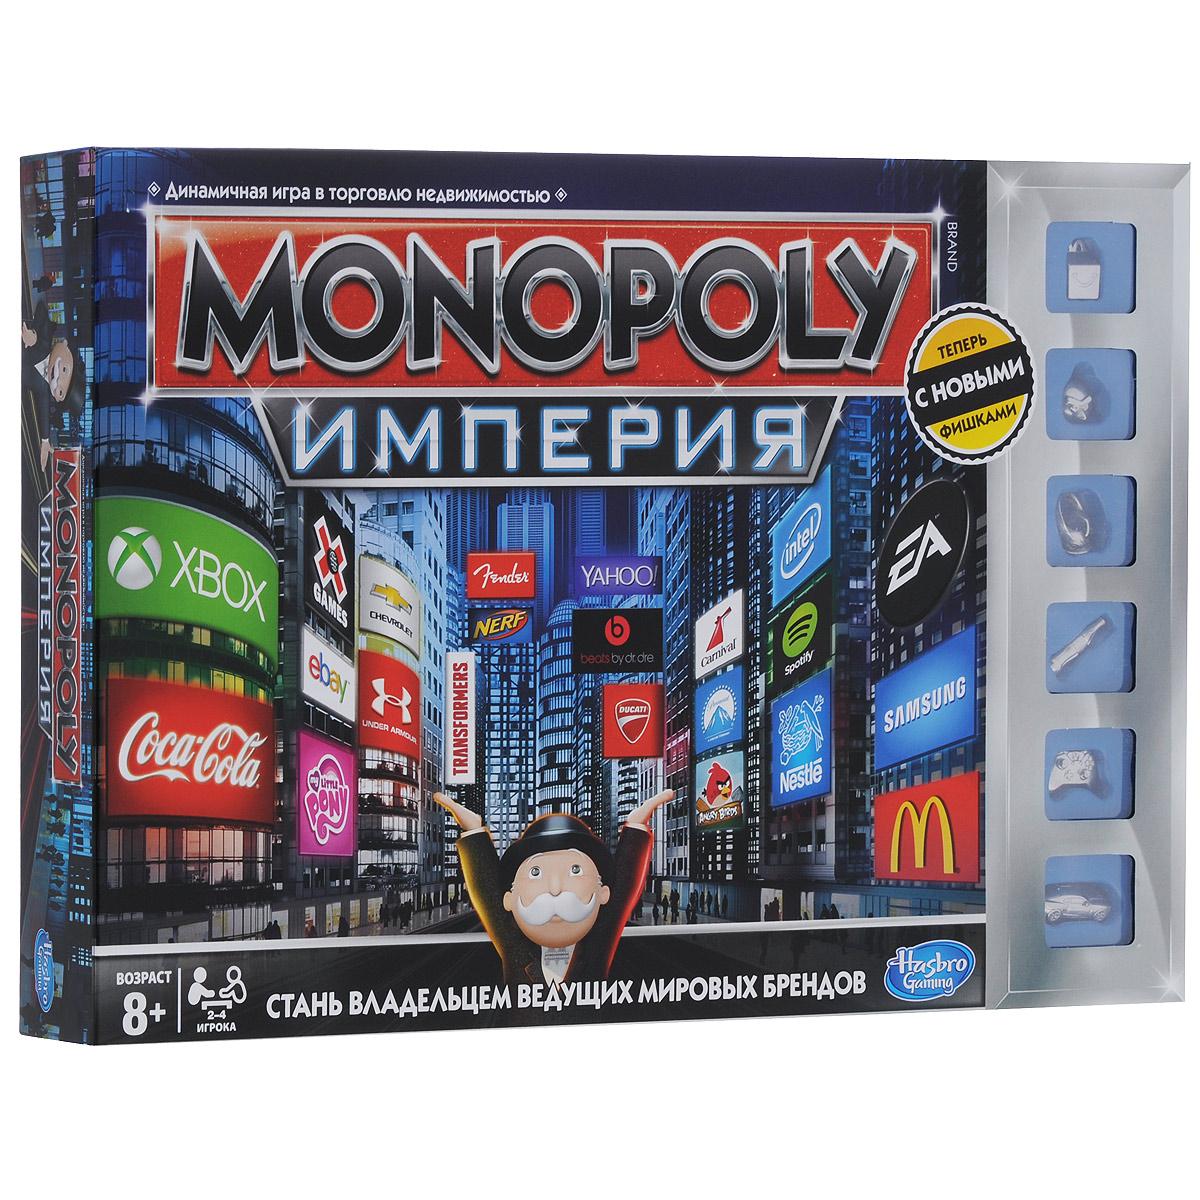 ФОТО Настольная игра Монополия. Империя